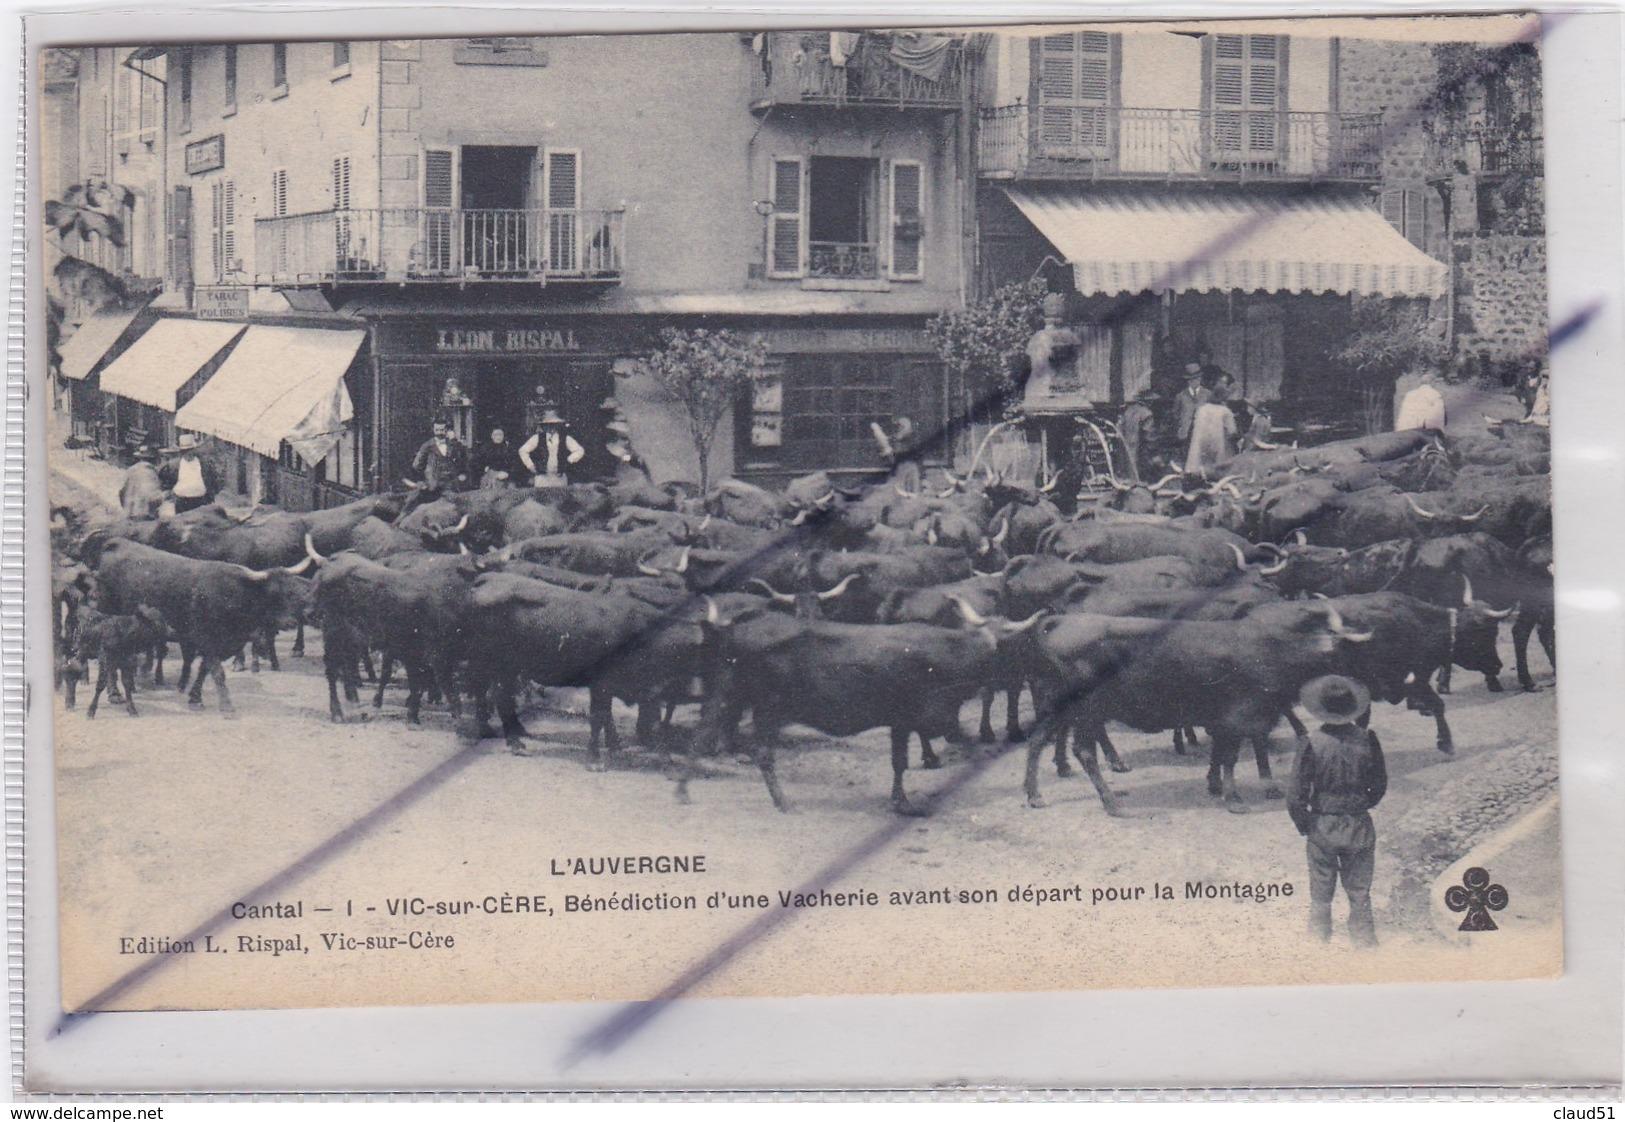 Vic-sur-Cère (15) Bénédiction D'une Vacherie Avant Son Départ Pour La Montagne - Unclassified